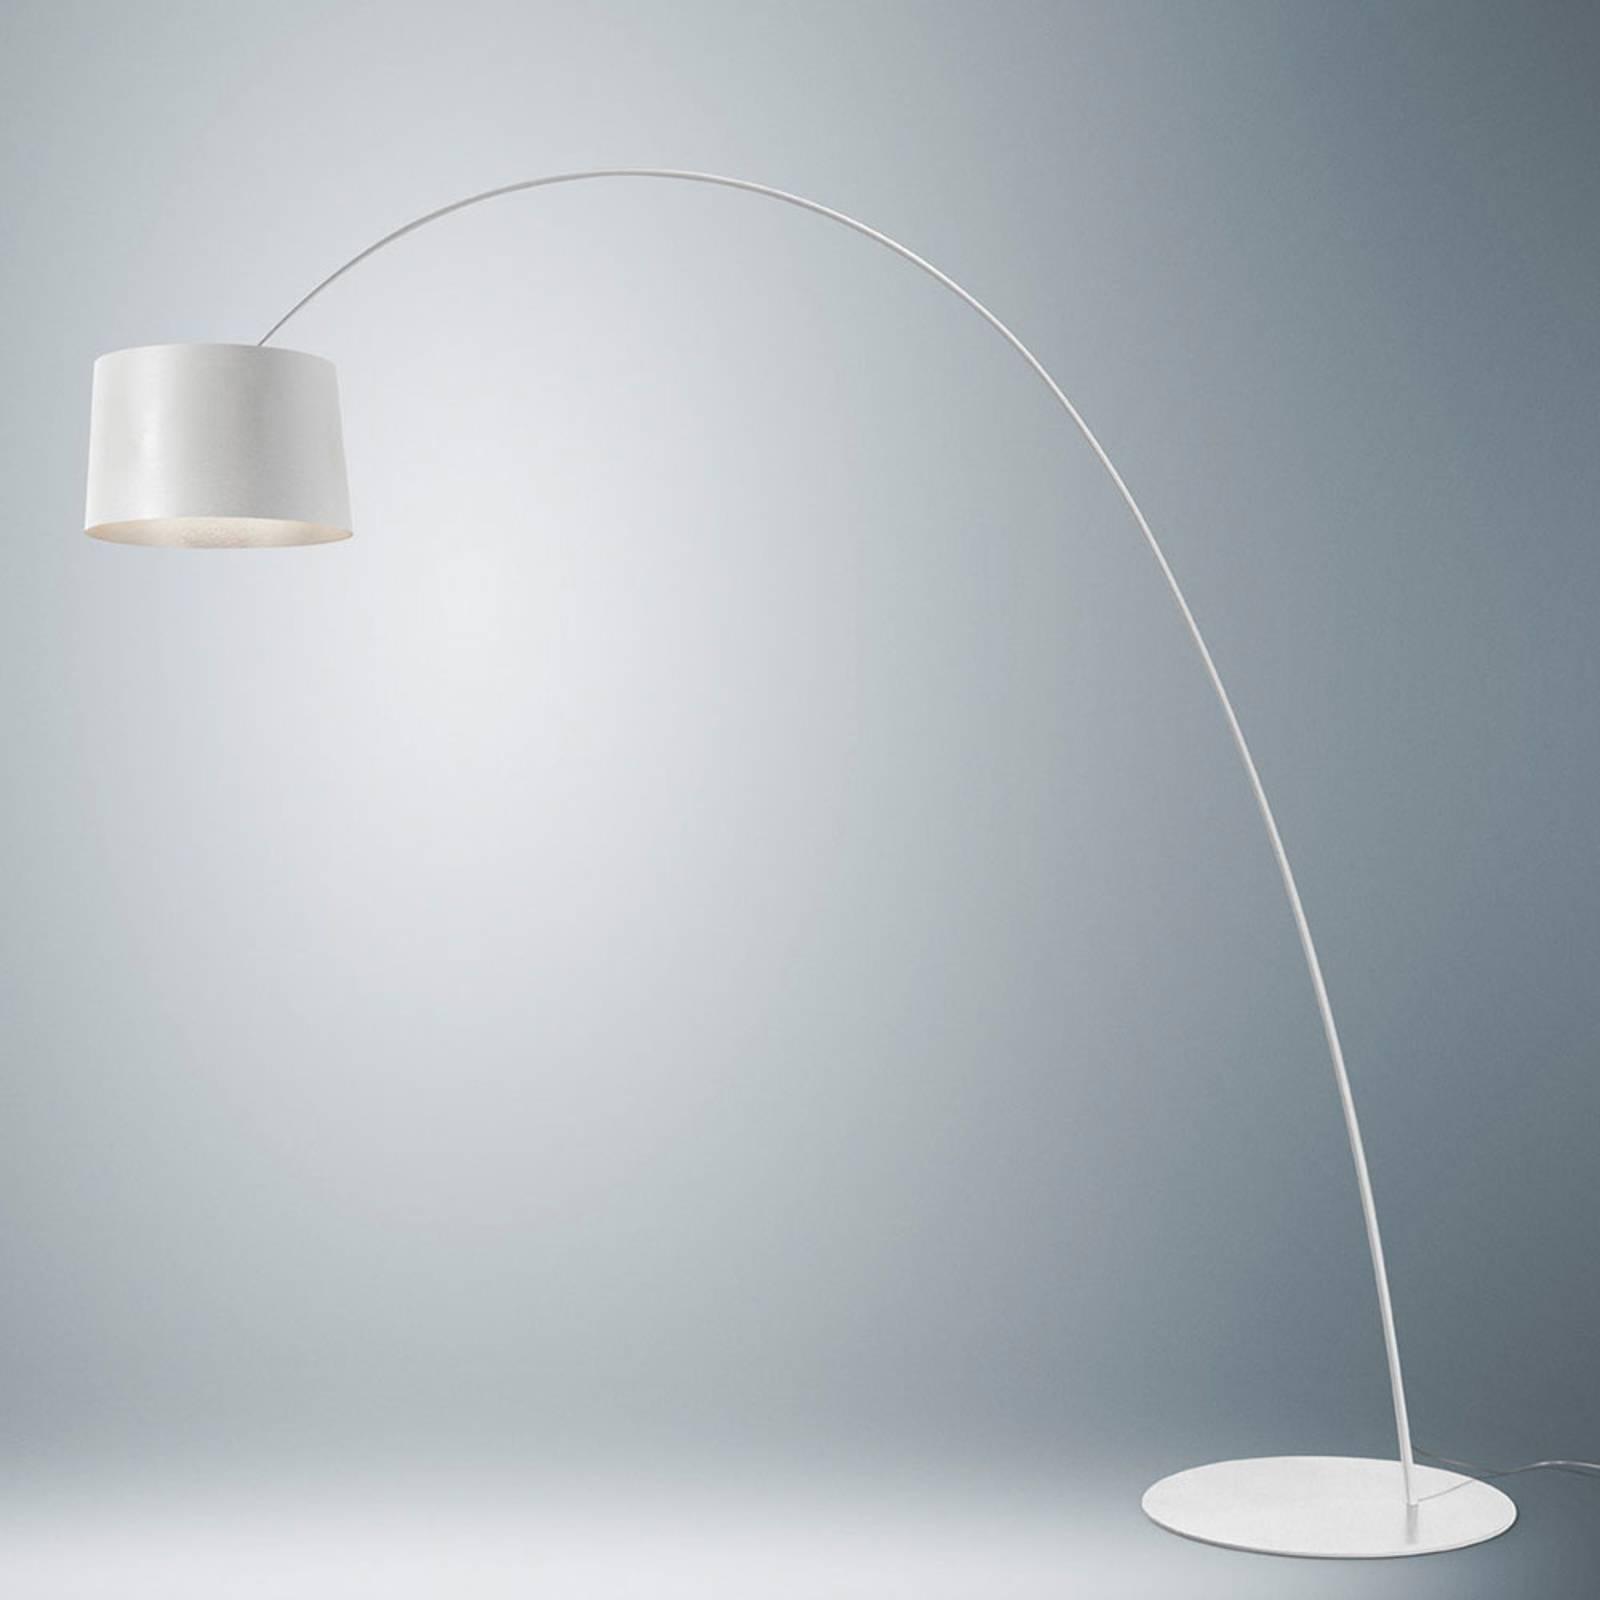 Foscarini Twiggy LED-Stehleuchte weiß